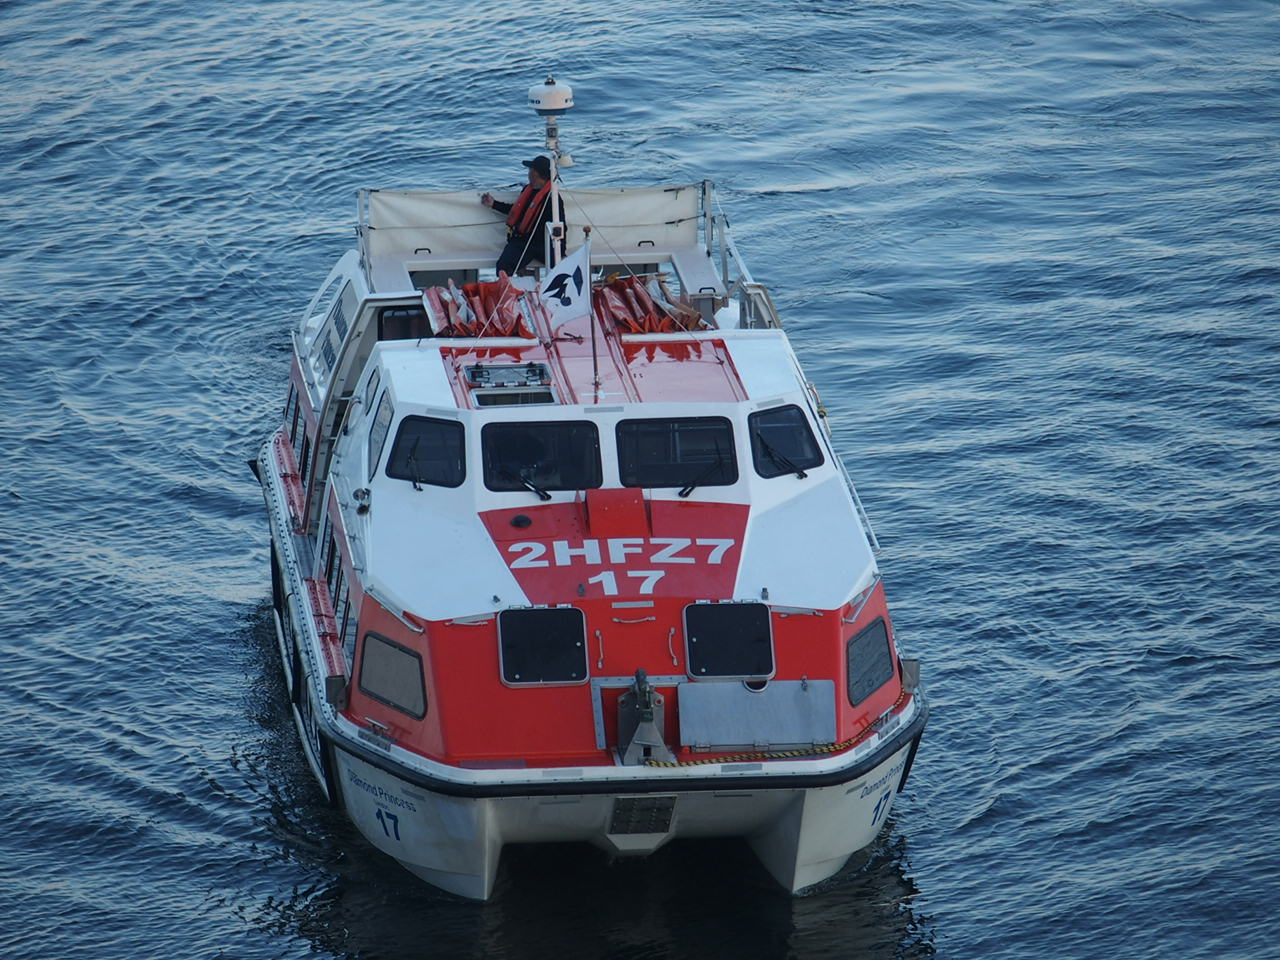 ダイヤモンドプリンセスのテンダーボート